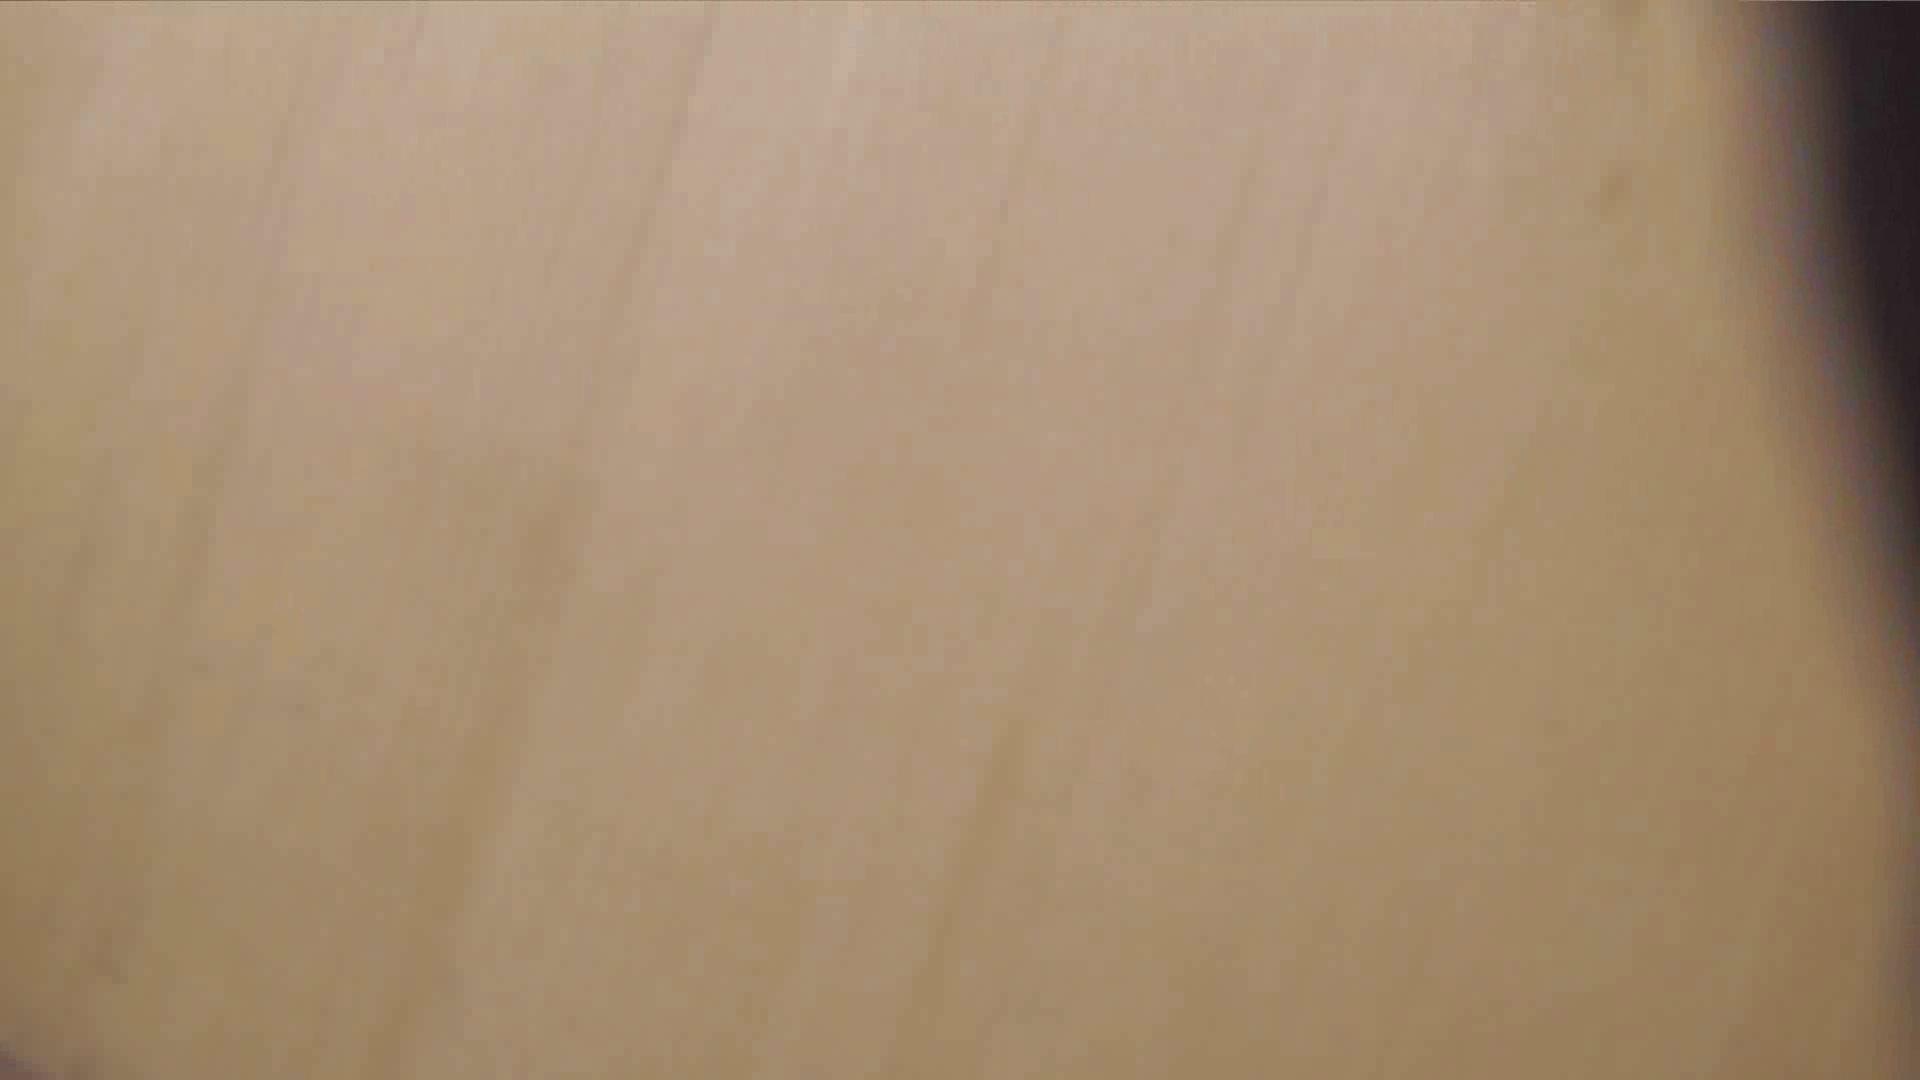 阿国ちゃんの「和式洋式七変化」No.18 iBO(フタコブ) 和式 盗撮 110PIX 51